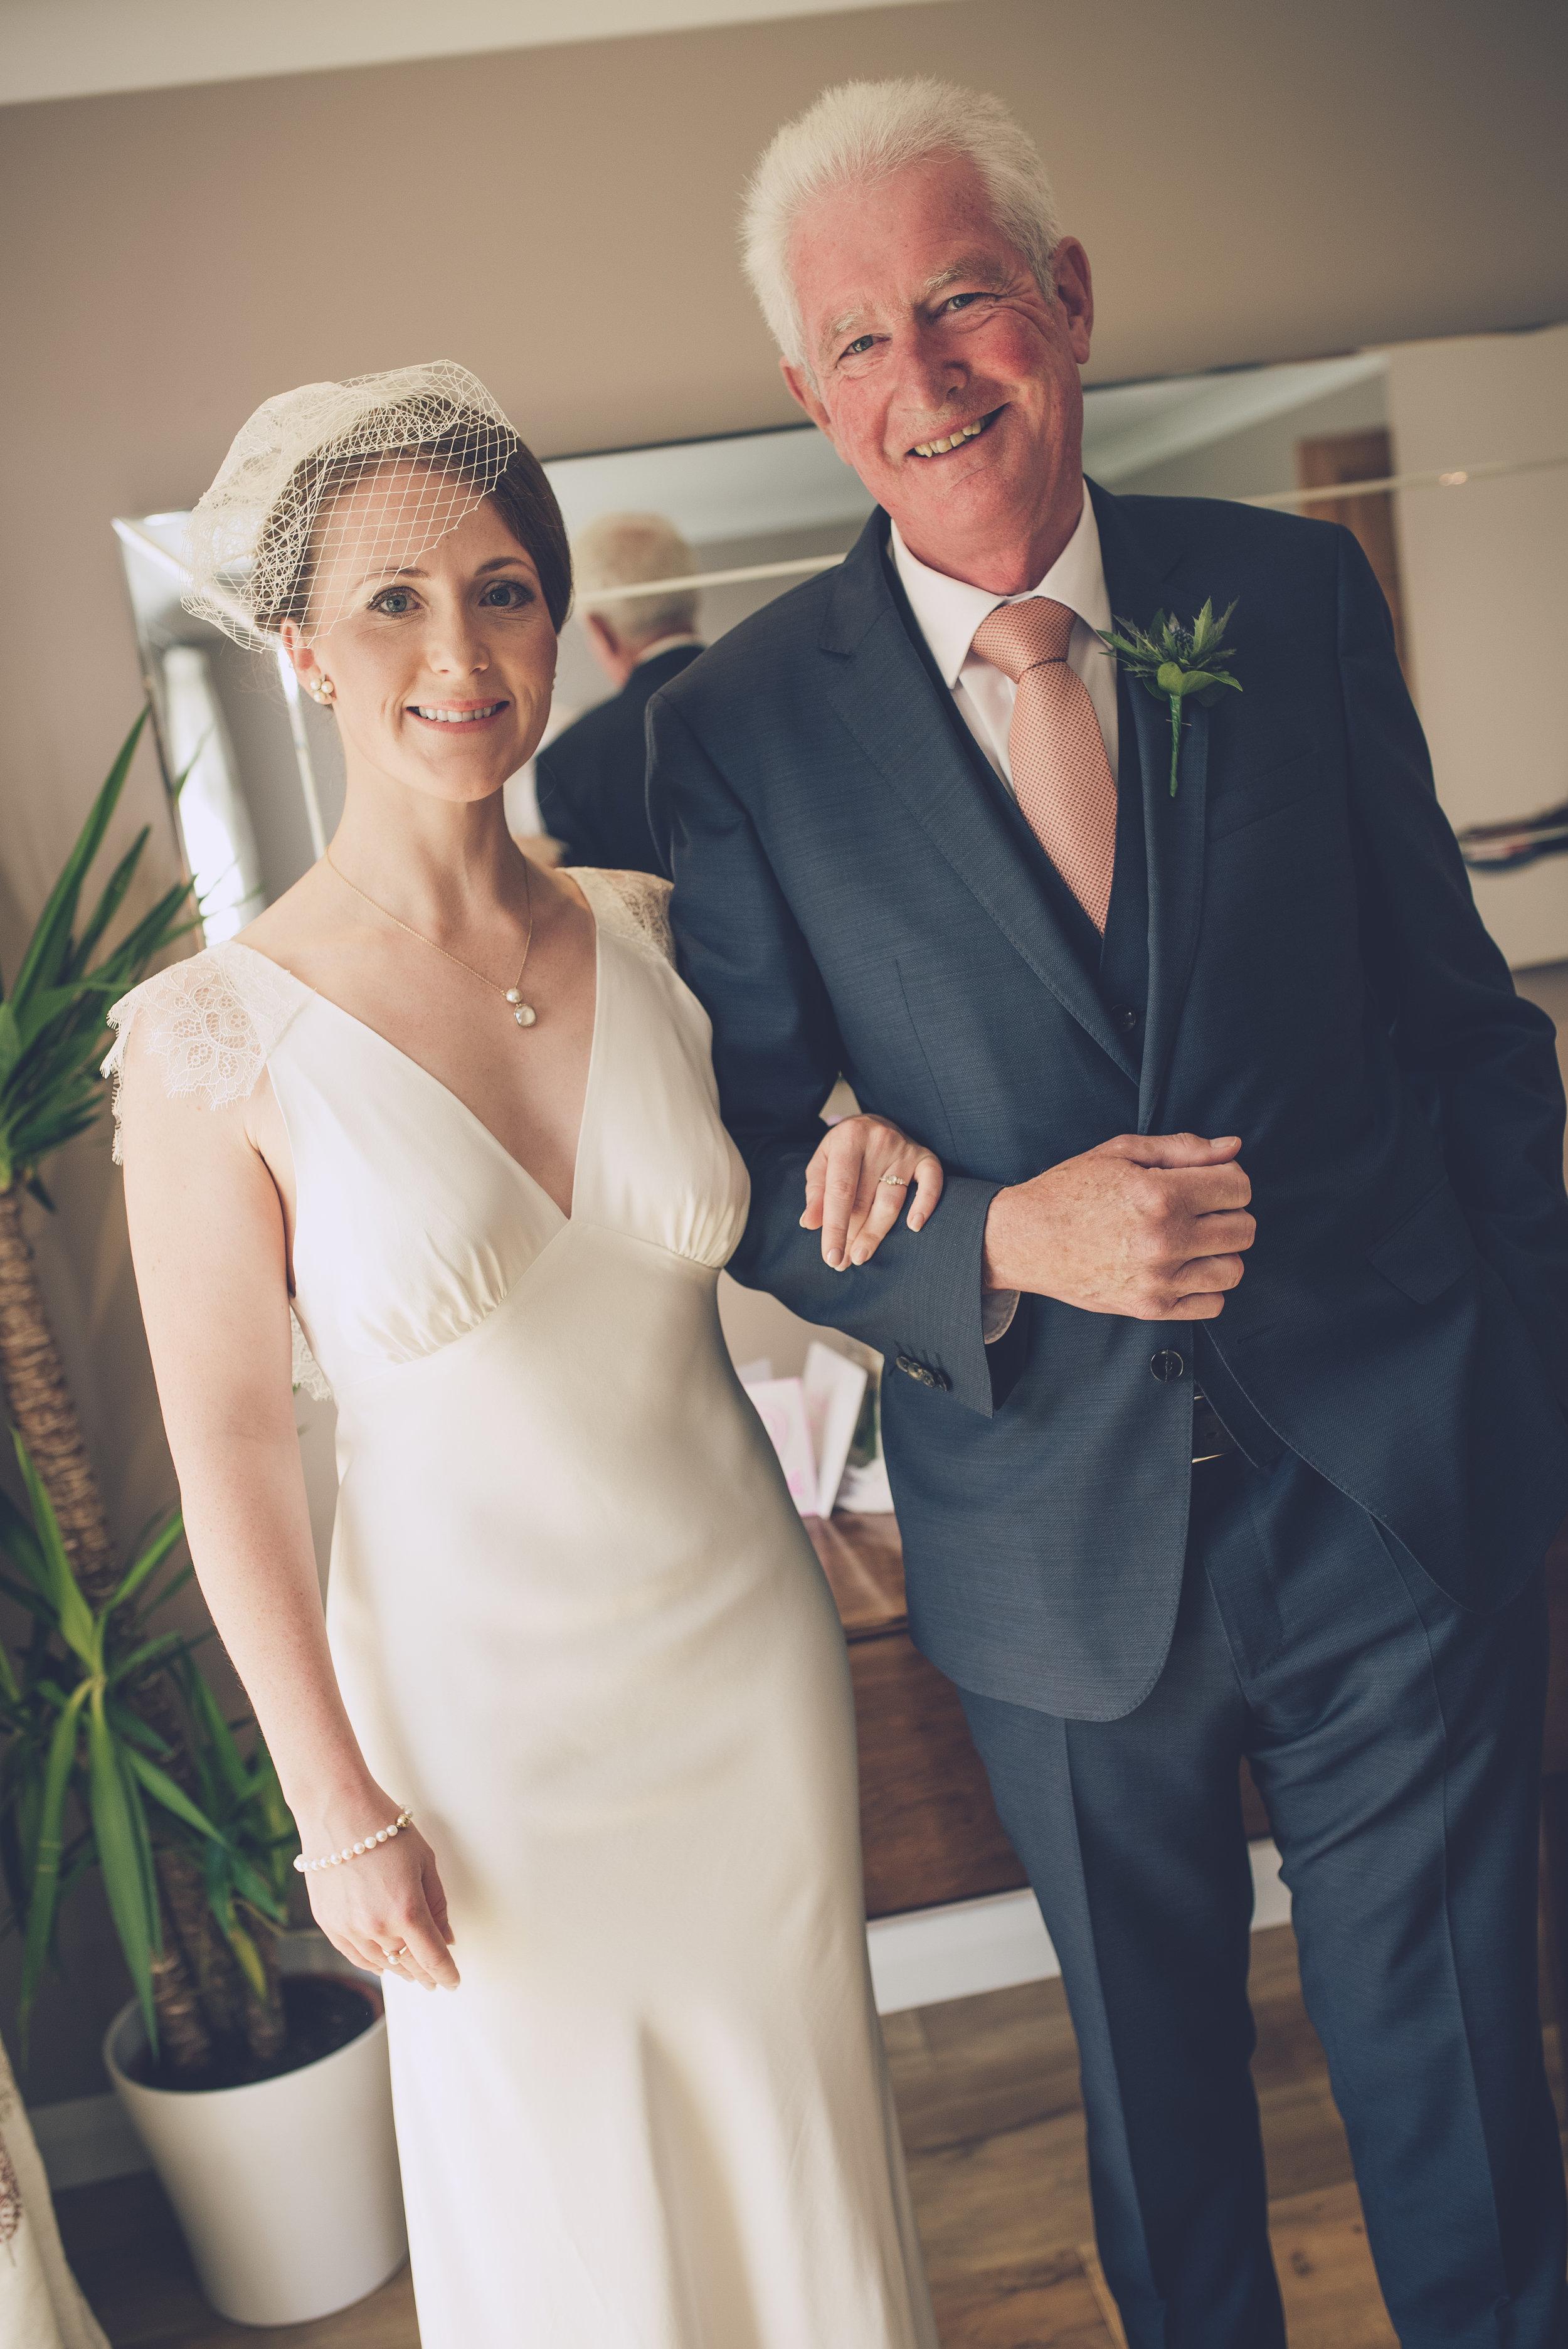 Sarah-Susanna-Greening-Bias-Vintage-Lace-Wedding-Dress-Bespoke-Matlock-Derbyshire-6